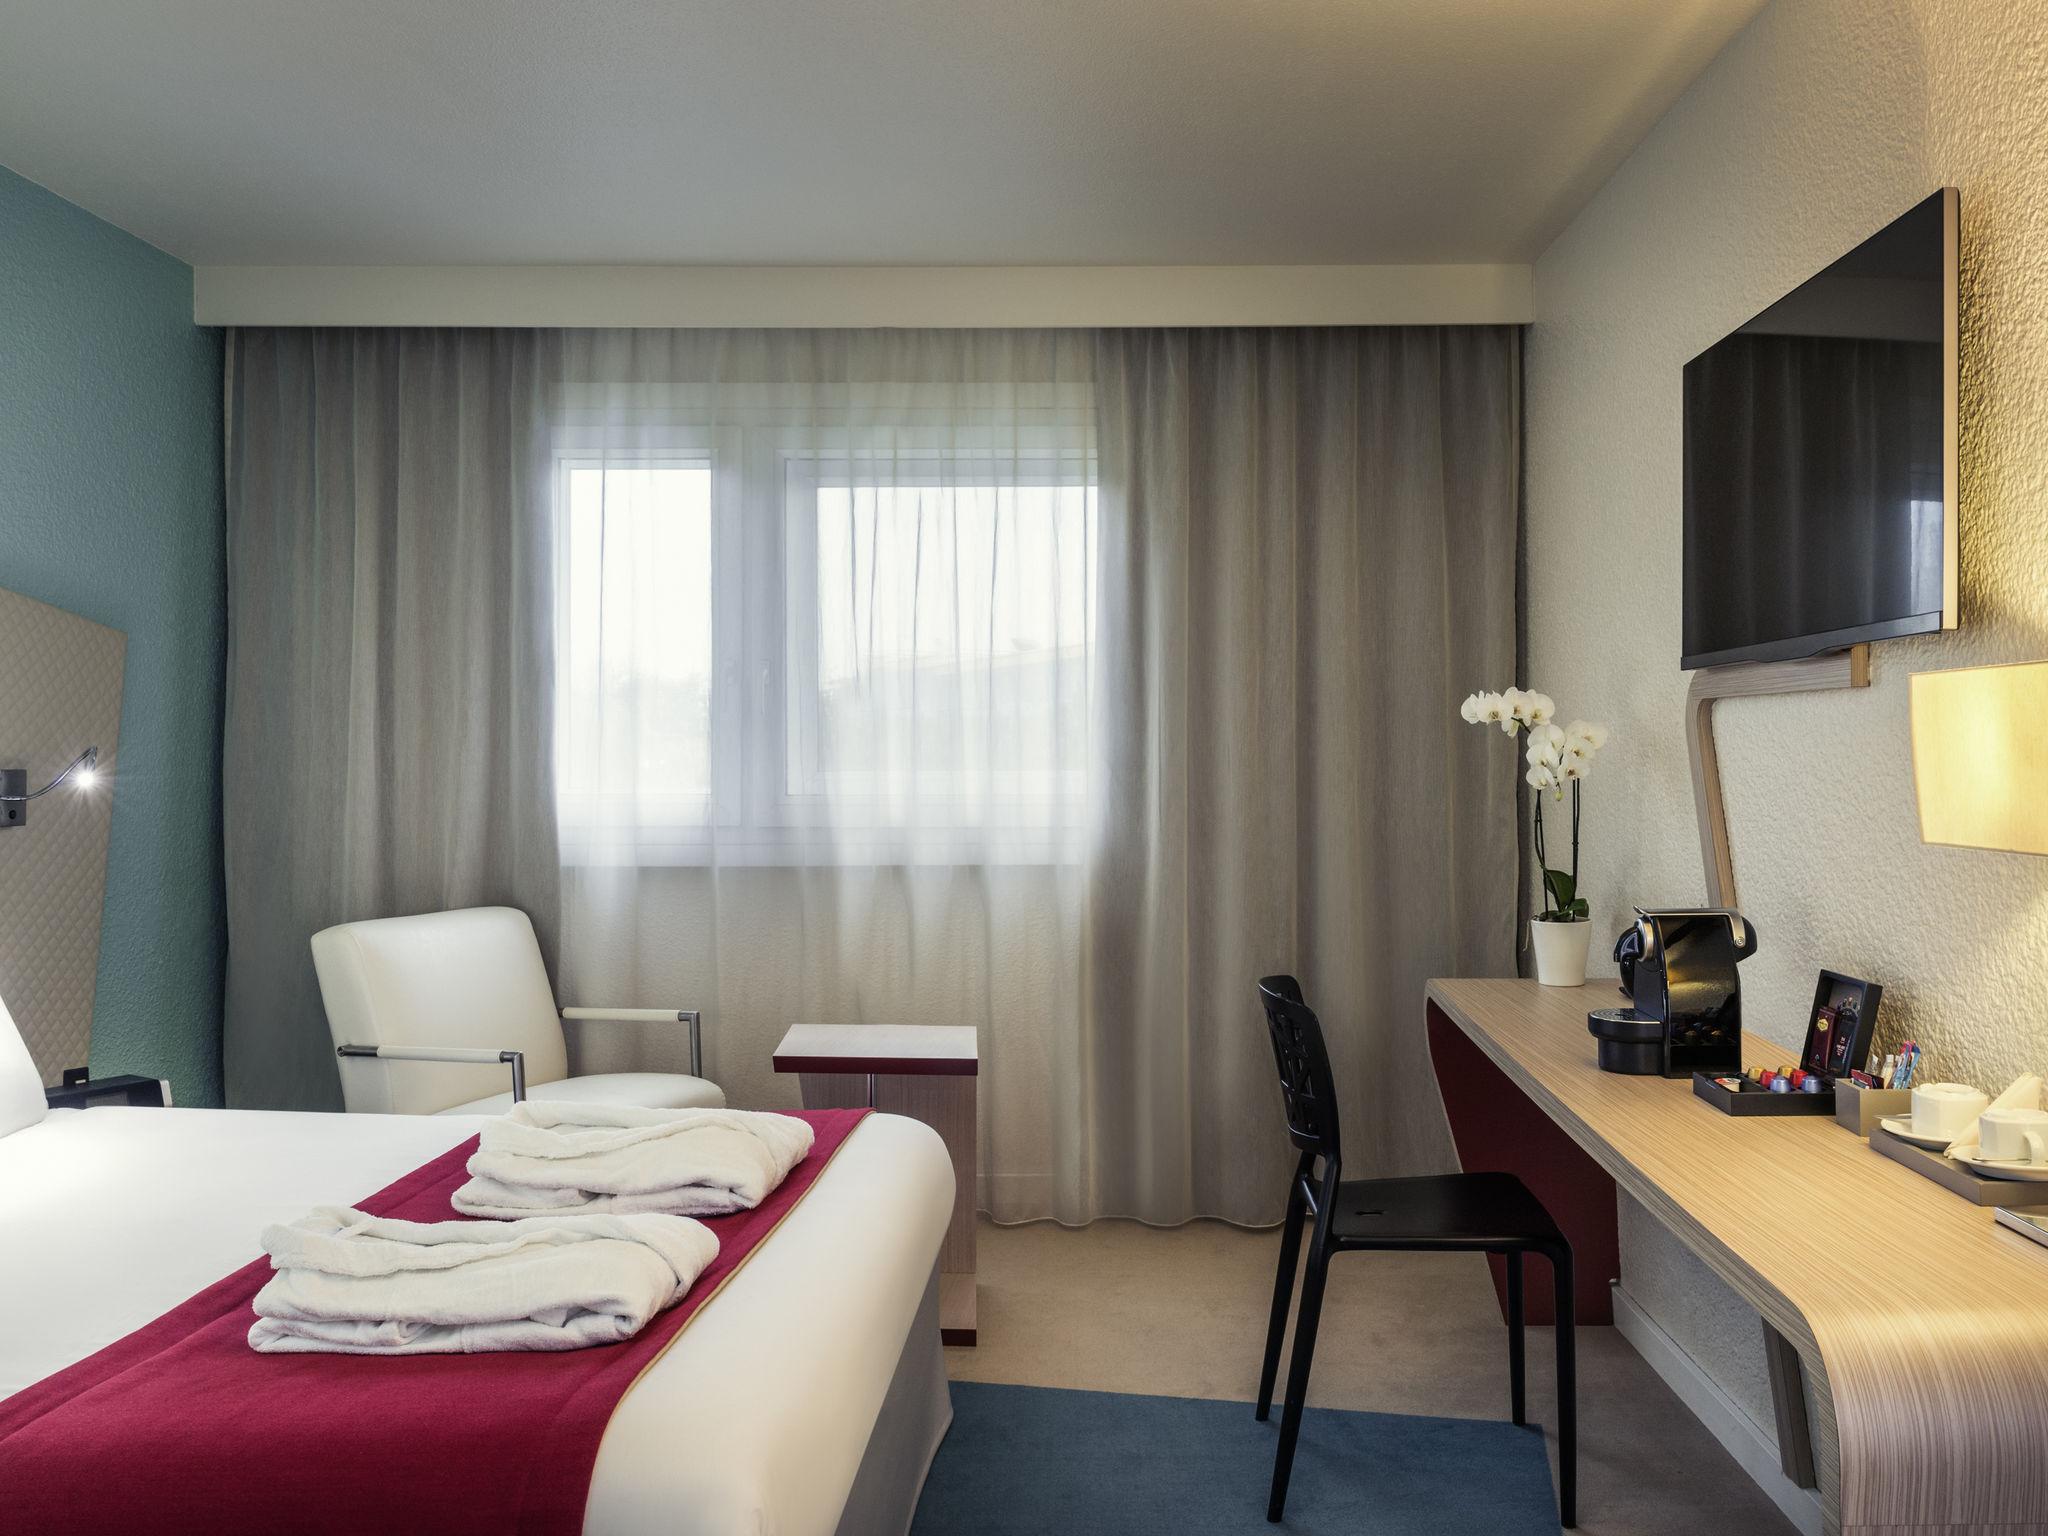 Hotel – Albergo Mercure Parigi Le Bourget